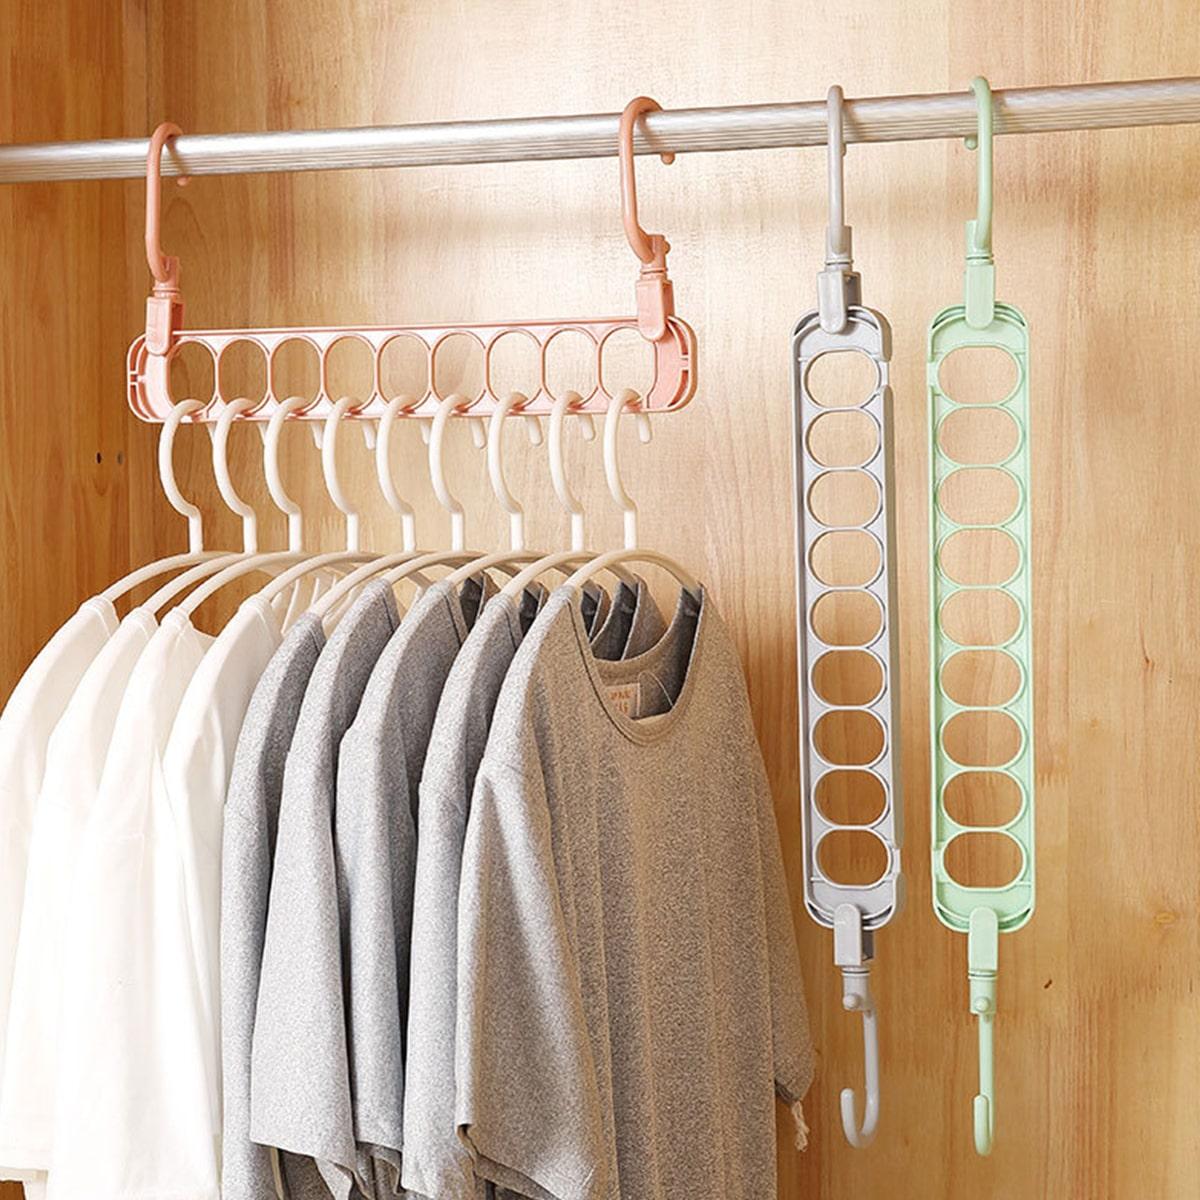 1pc multifunctionele hanger met 9 gaten